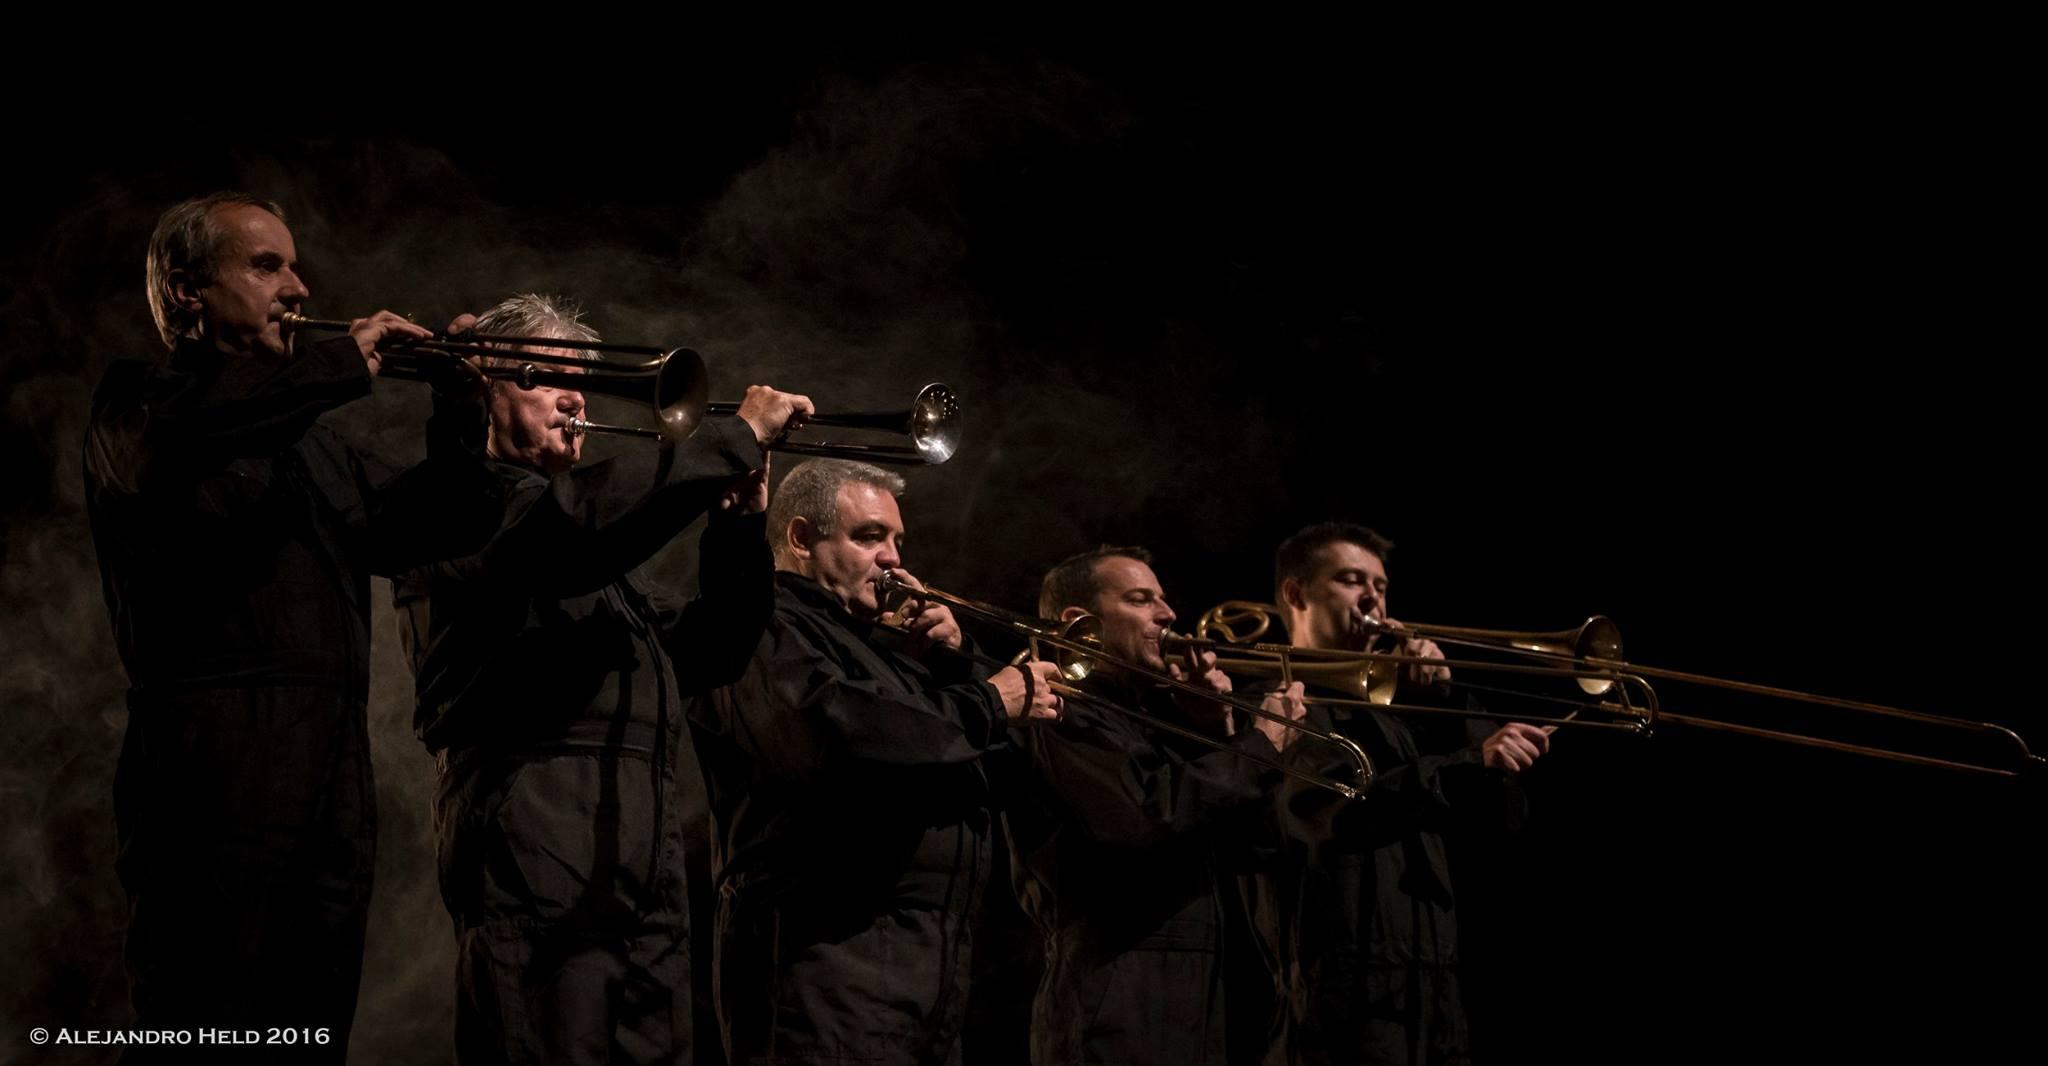 El formidable conjunto Les Sacqueboutiers. foto teatrorancagua